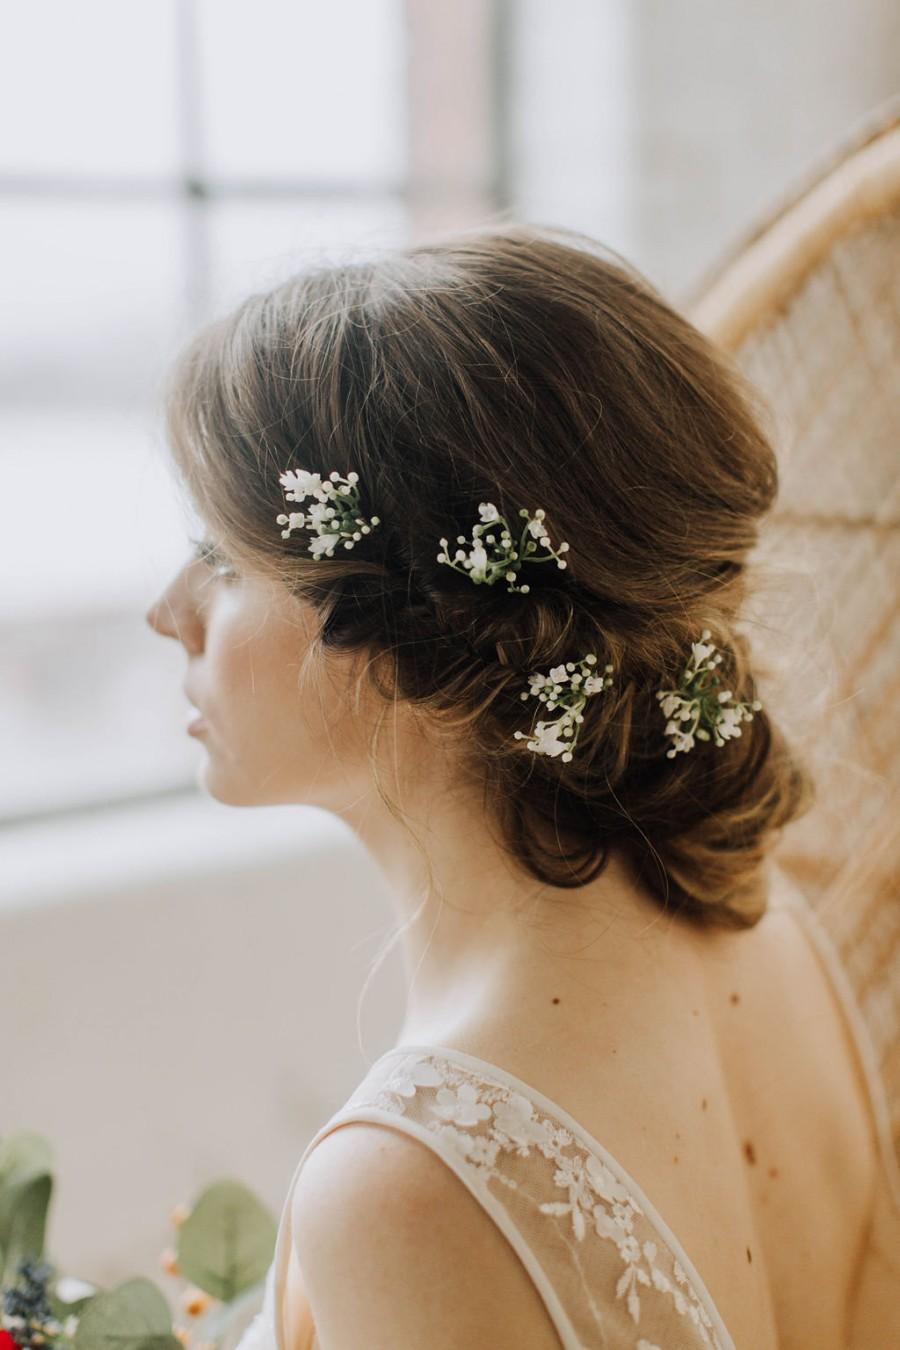 زفاف - Eucalyptus Hair Pin Set, gypsophila pins, gyp hair vine, ivory Bobby Pin Set, ivory Bridal Hairpin Set, Bobby Pins for Braids